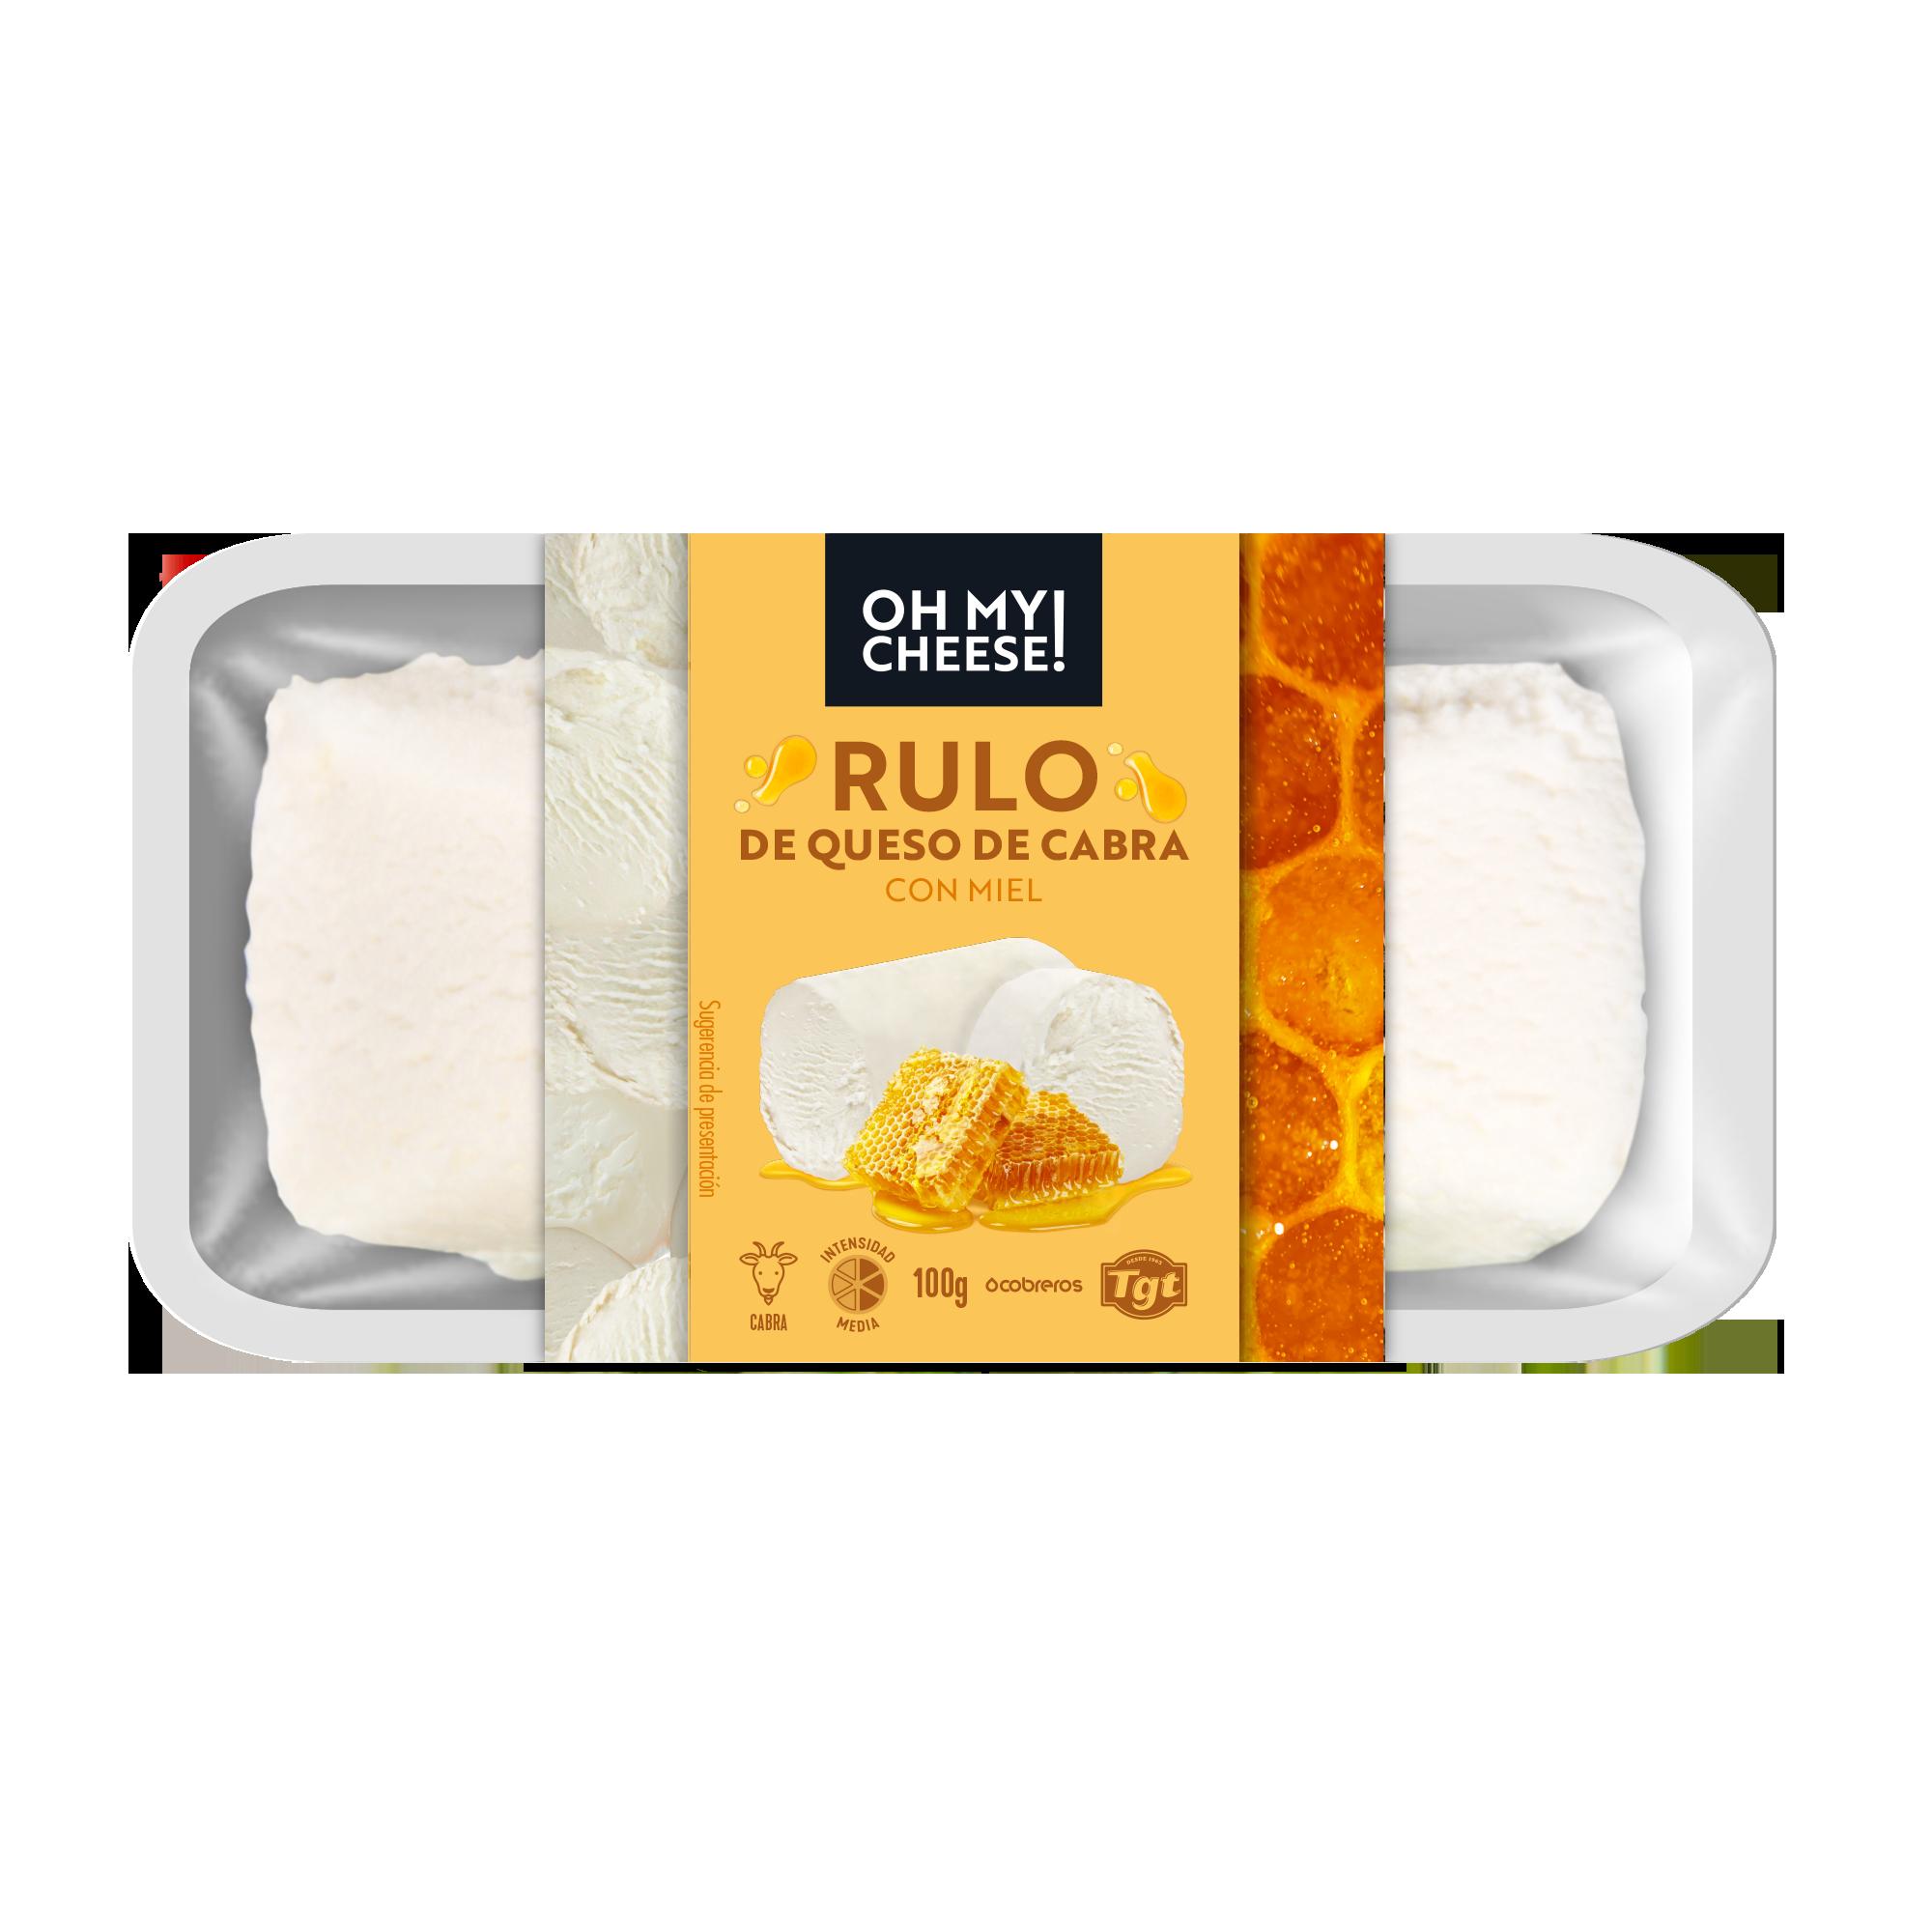 Rulo de queso de cabra con miel